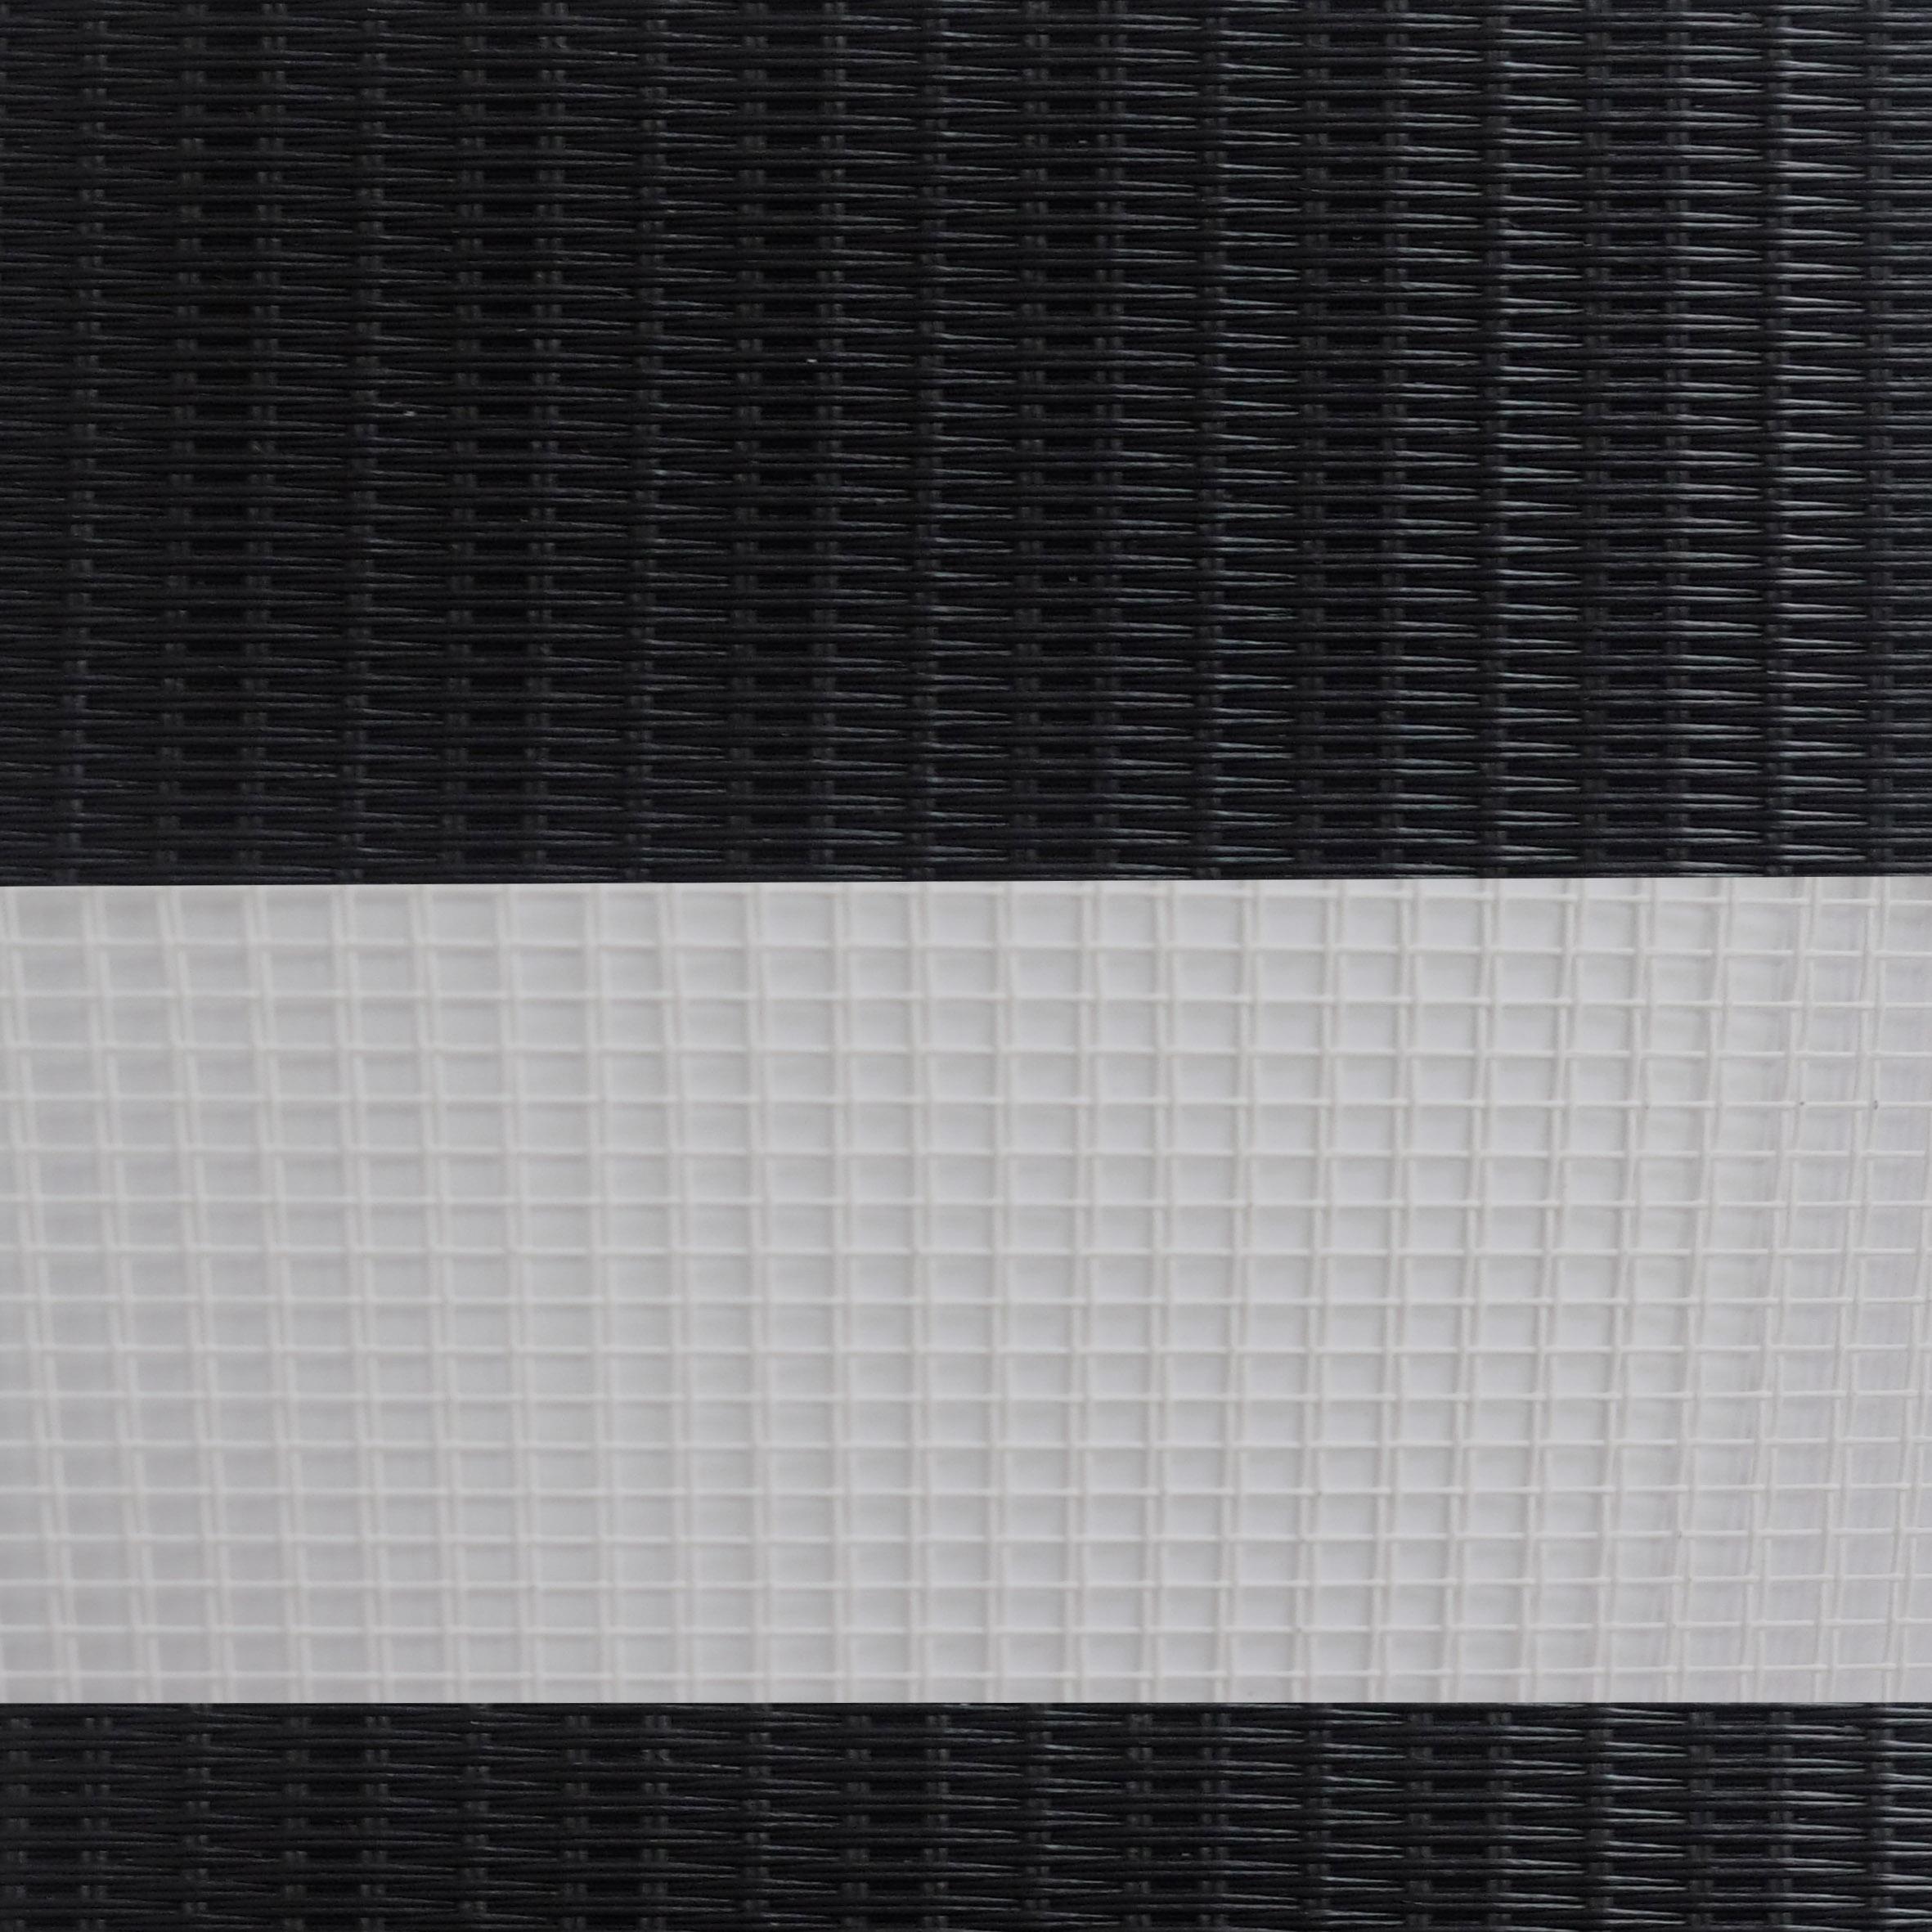 LO3013 Black/Black